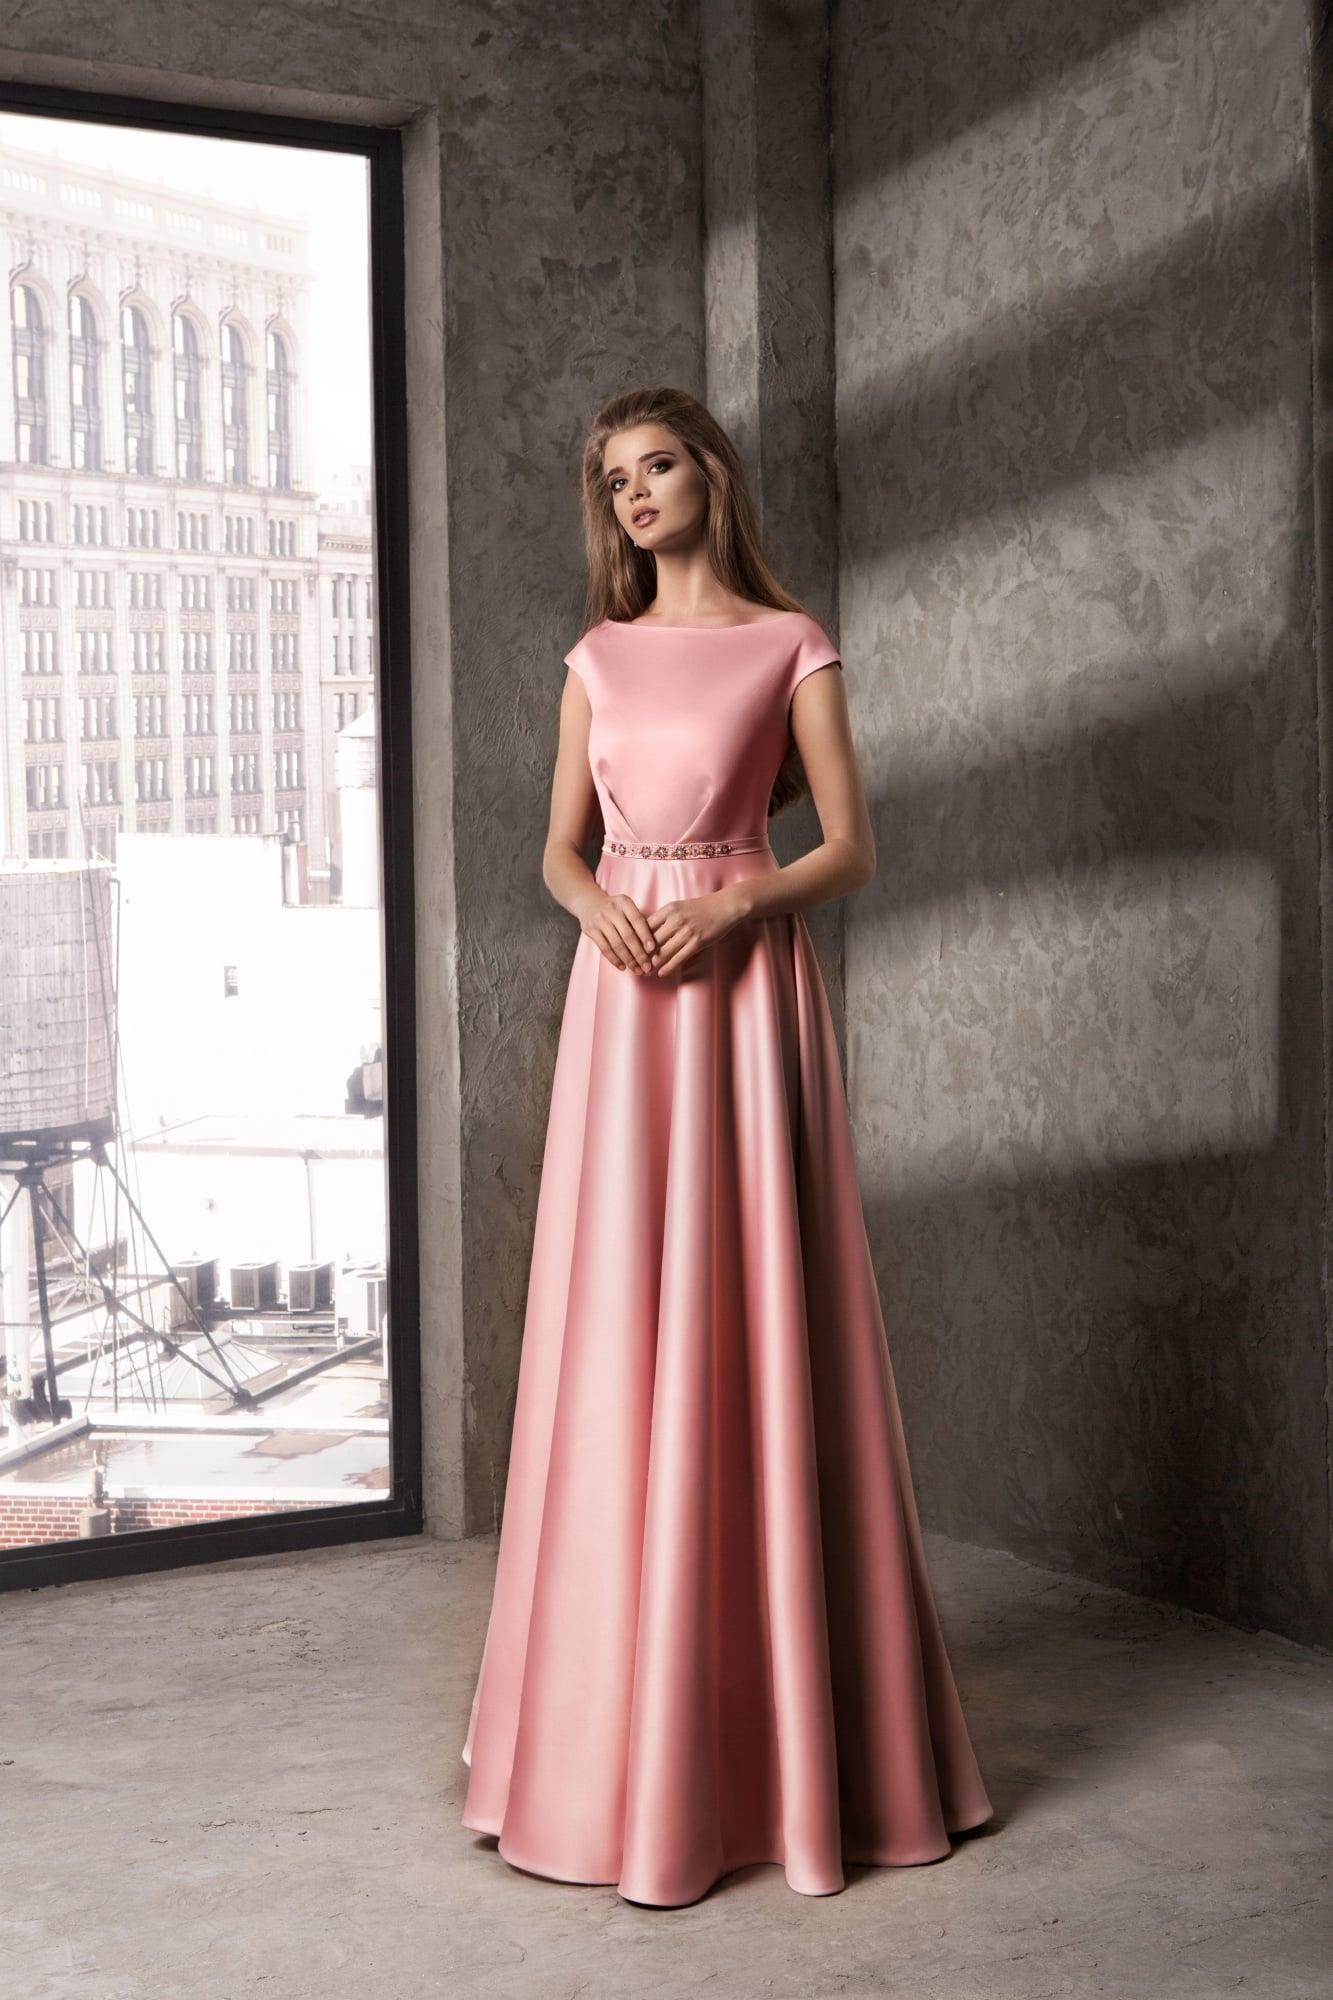 ac59608332a Вечернее платье Джованна. Купить вечернее платье в салоне Валенсия ...